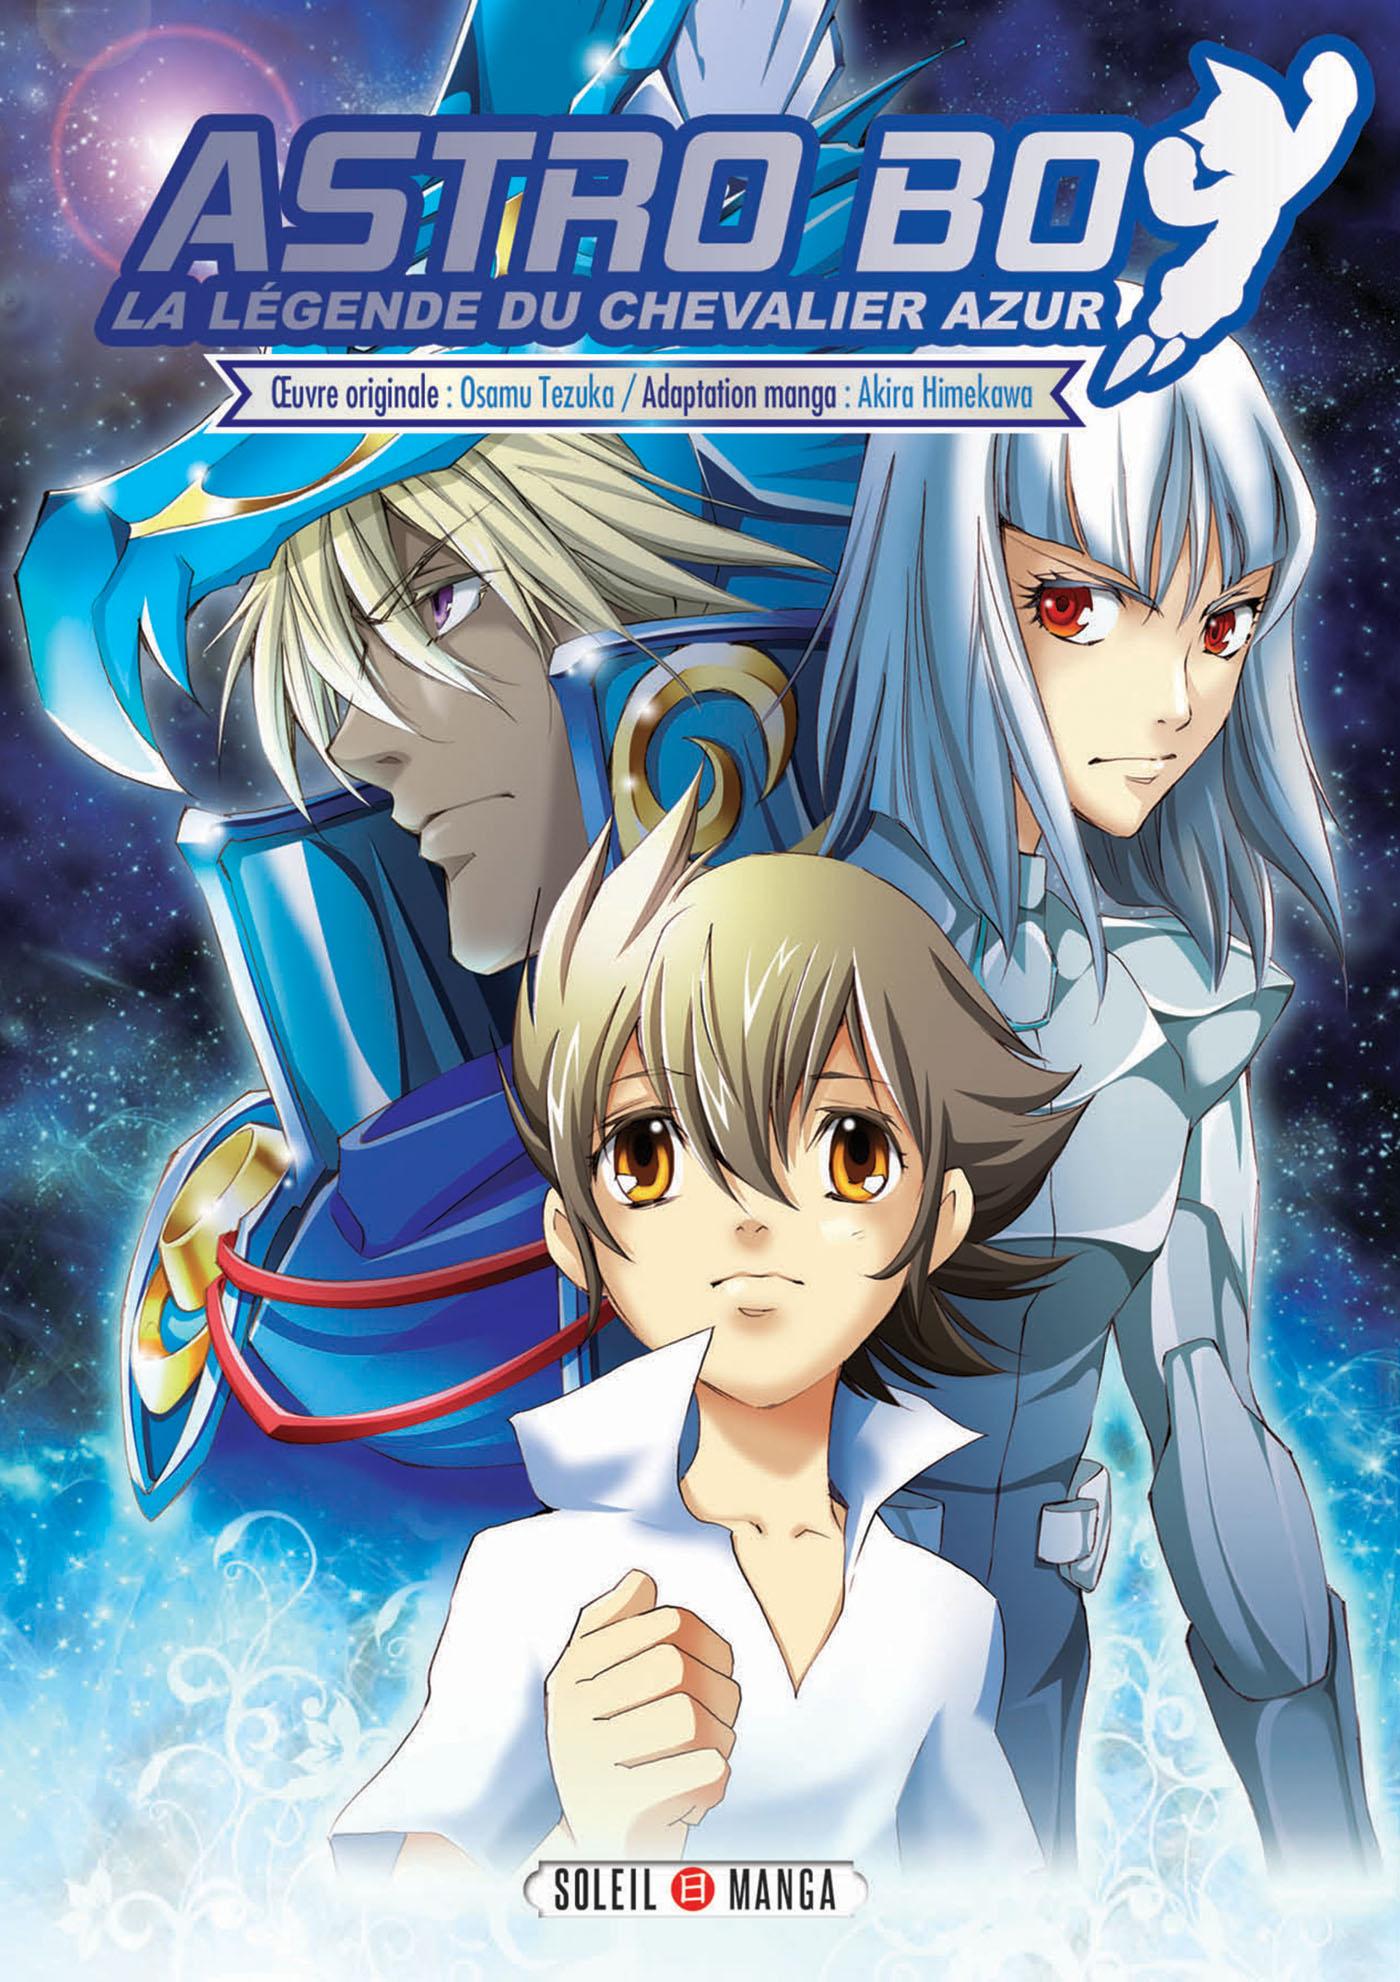 Astro Boy - La Légende du Chevalier Azur 1